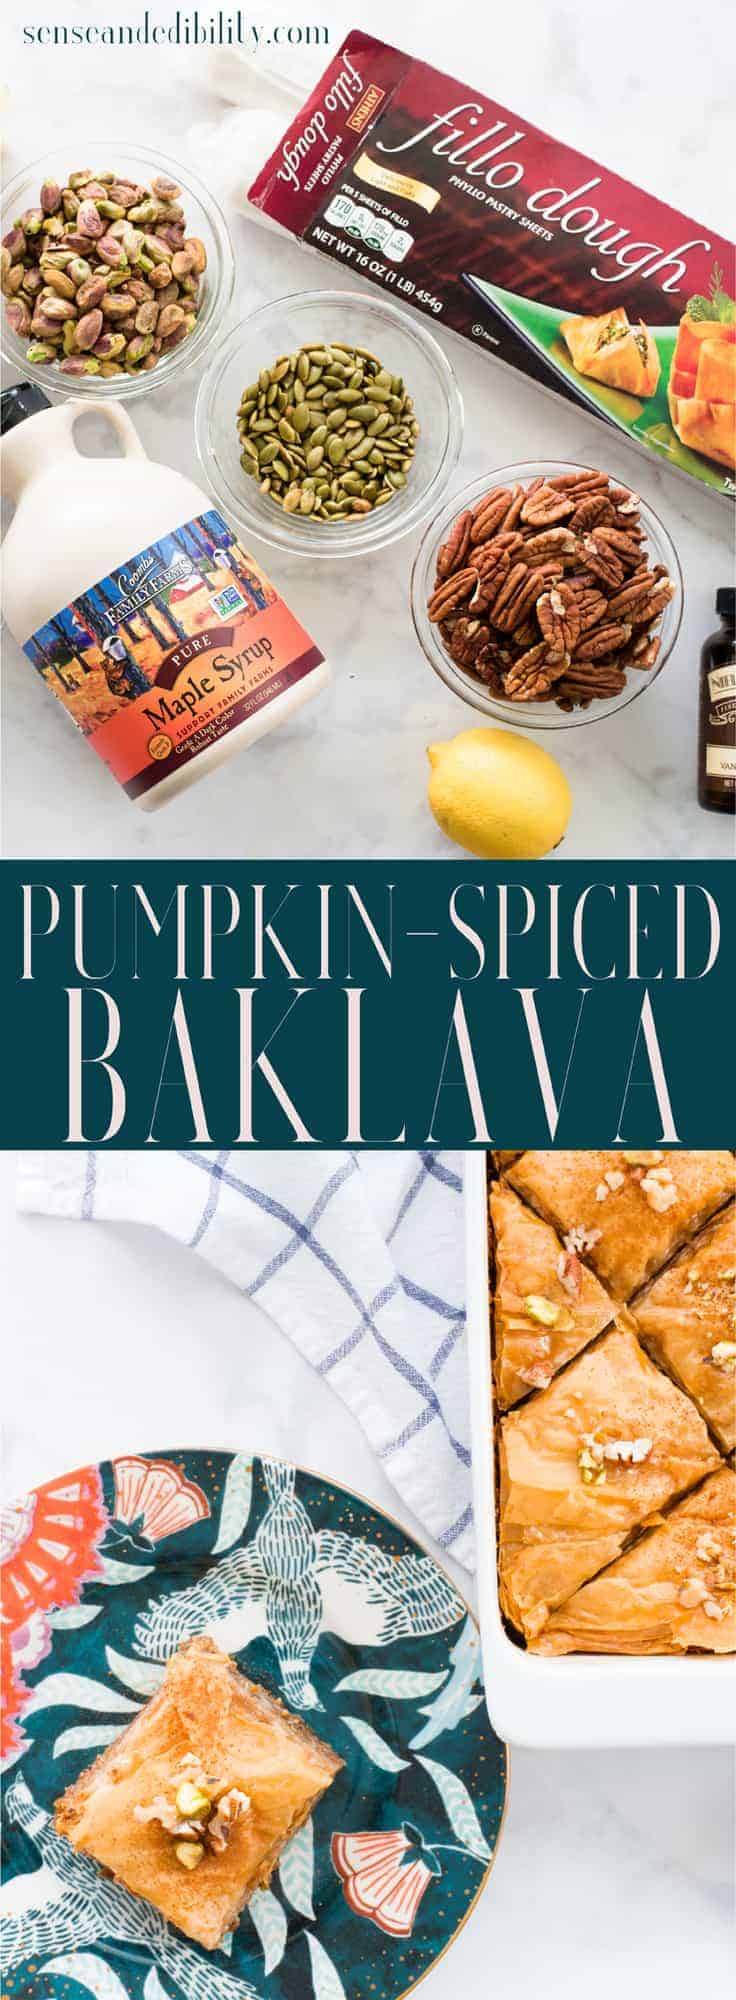 Sense & Edibility's Pumpkin Spiced Baklava Pin